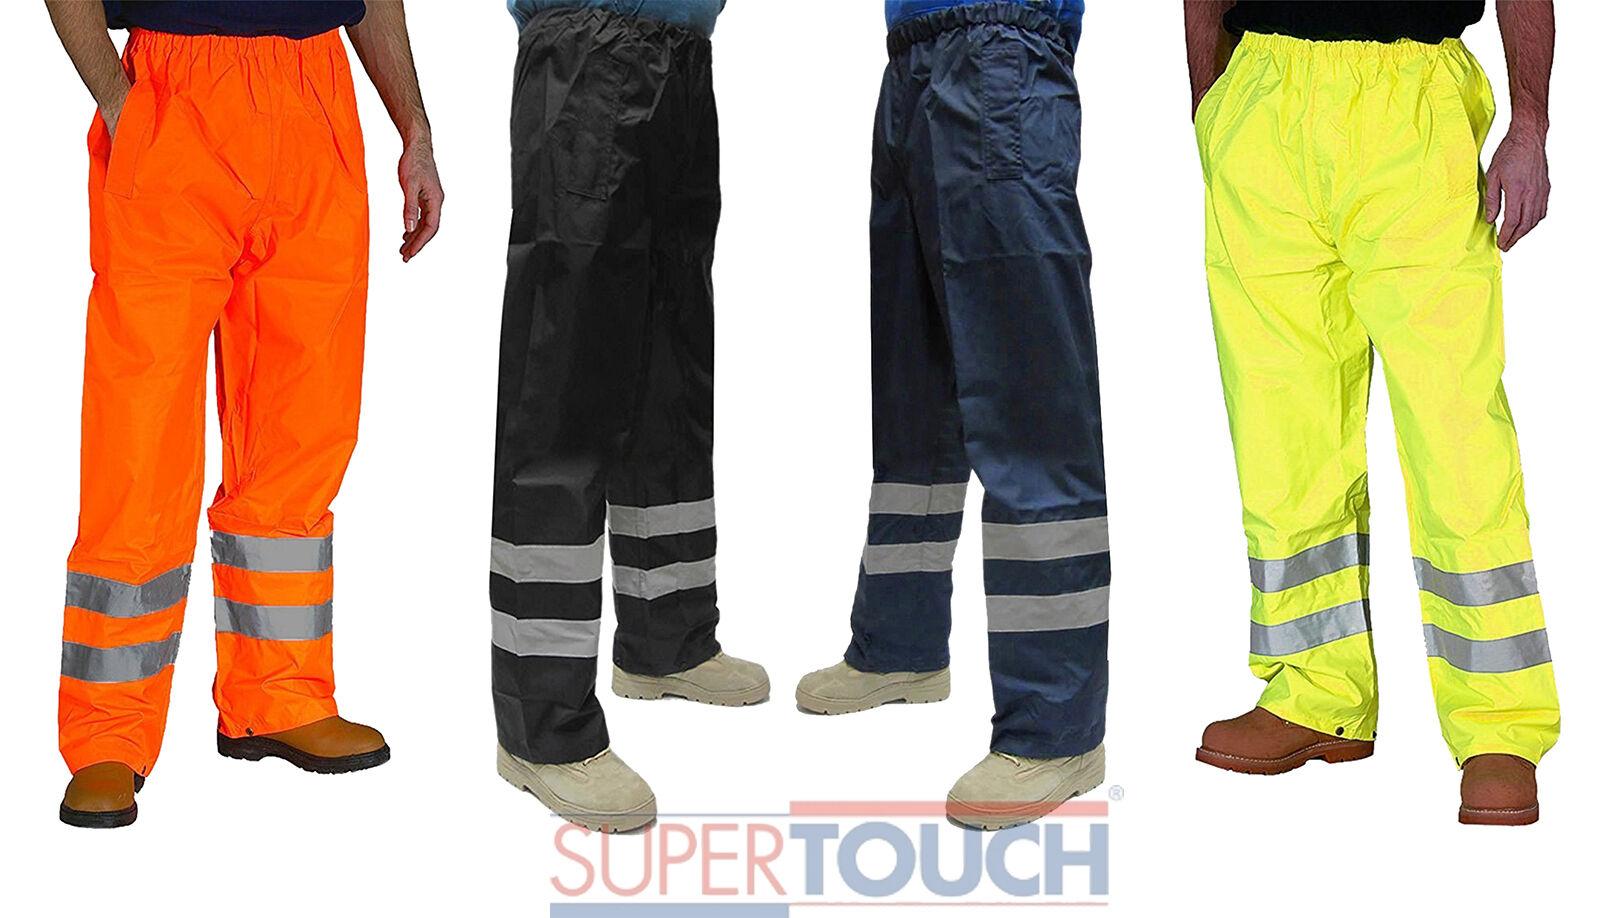 Alta Visibilidad Vis Ropa De Impermeable Trabajo Seguridad Pantalones Externos Impermeable De 554ac6